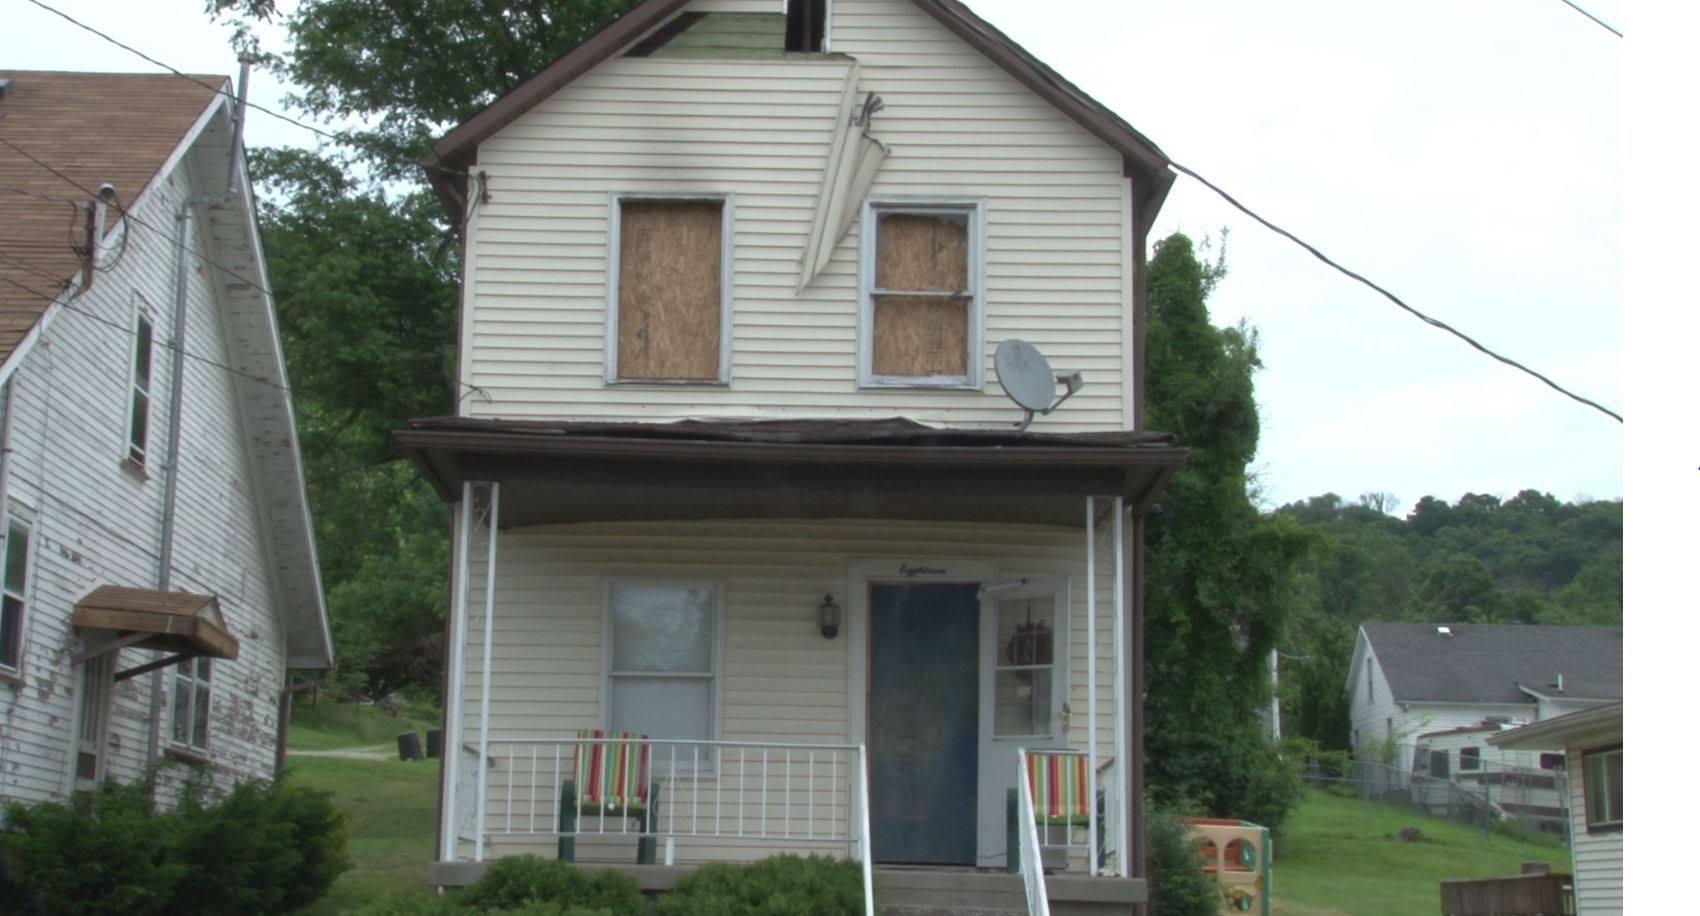 moundsville_house_1527710675468.jpg